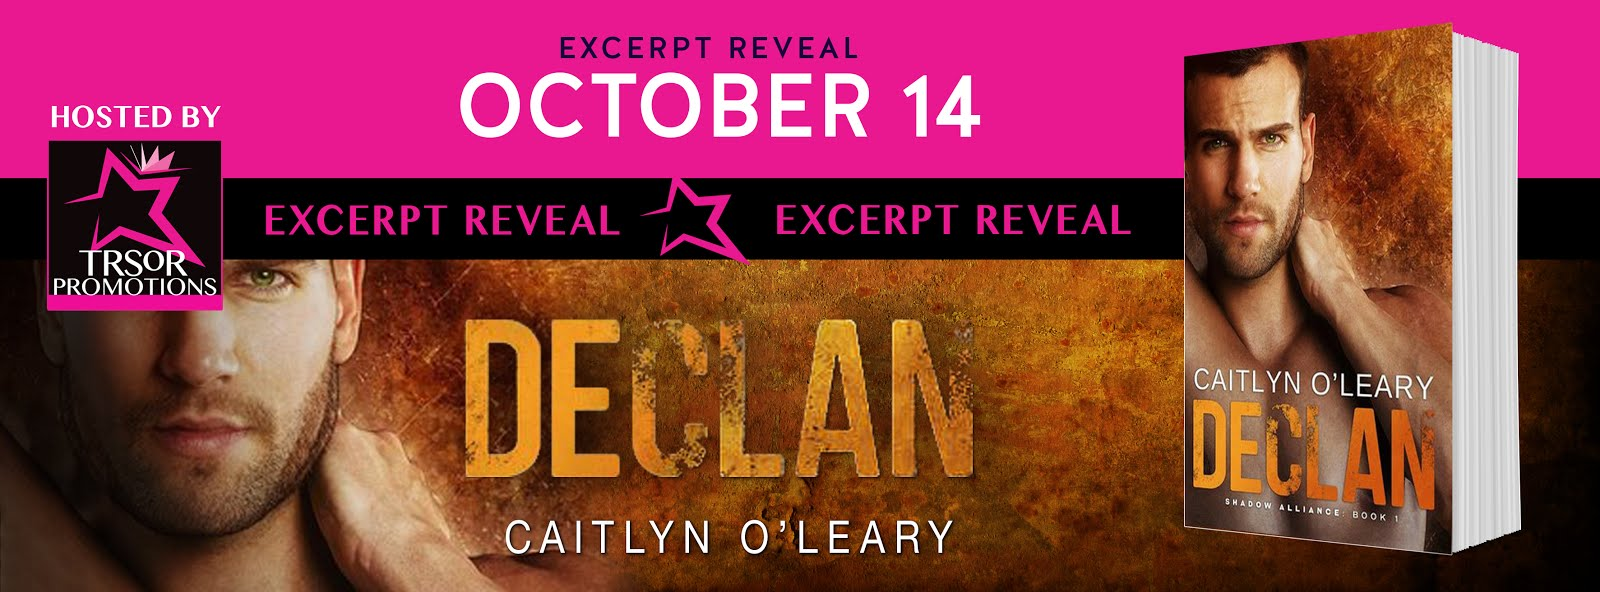 Declan Excerpt Reveal